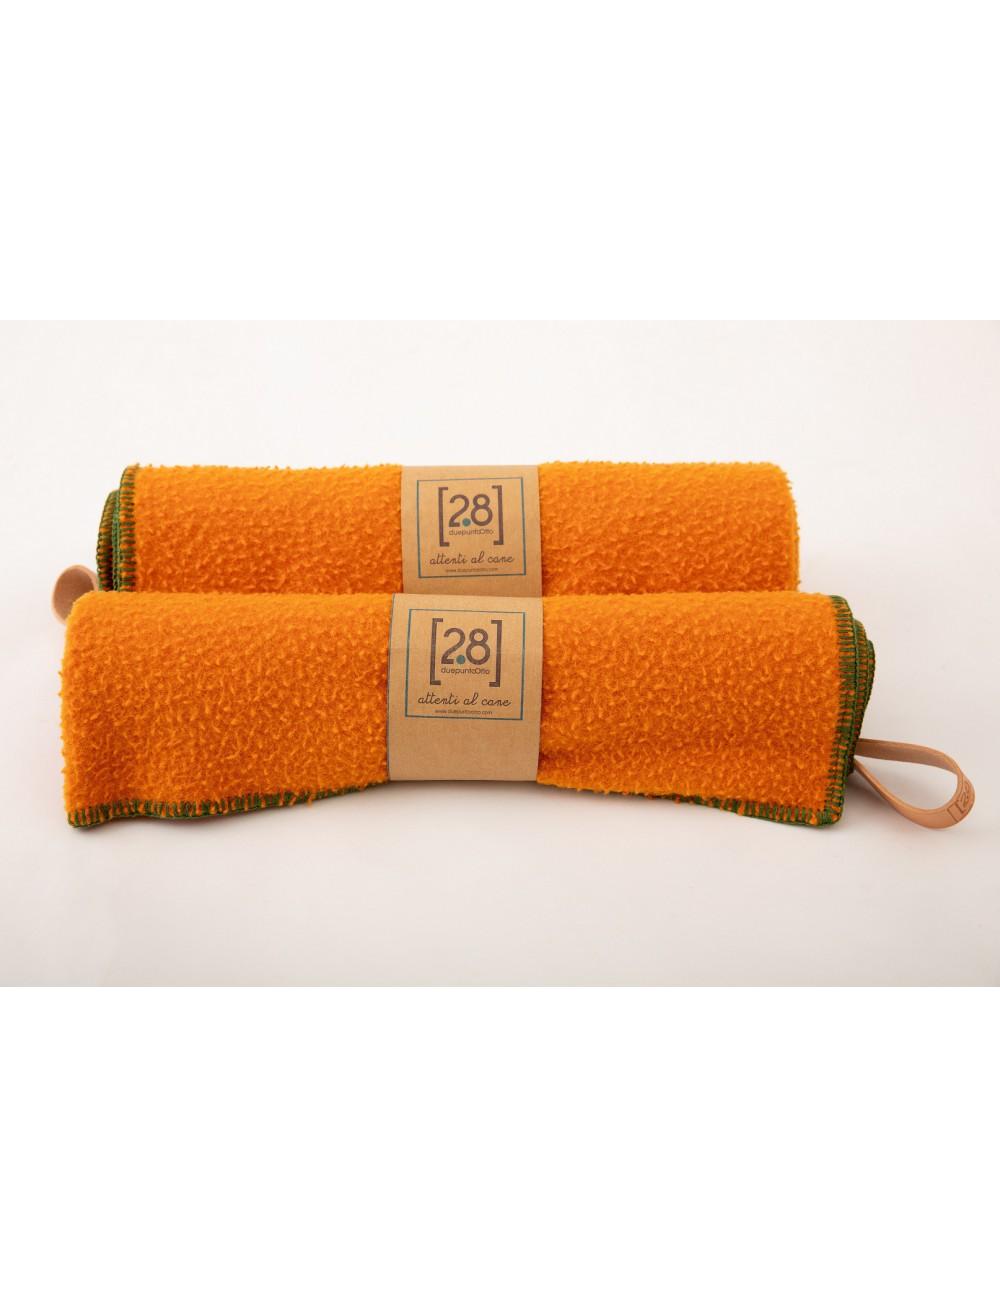 ANSEL - Casentino Blanket  2.8 design for dogs